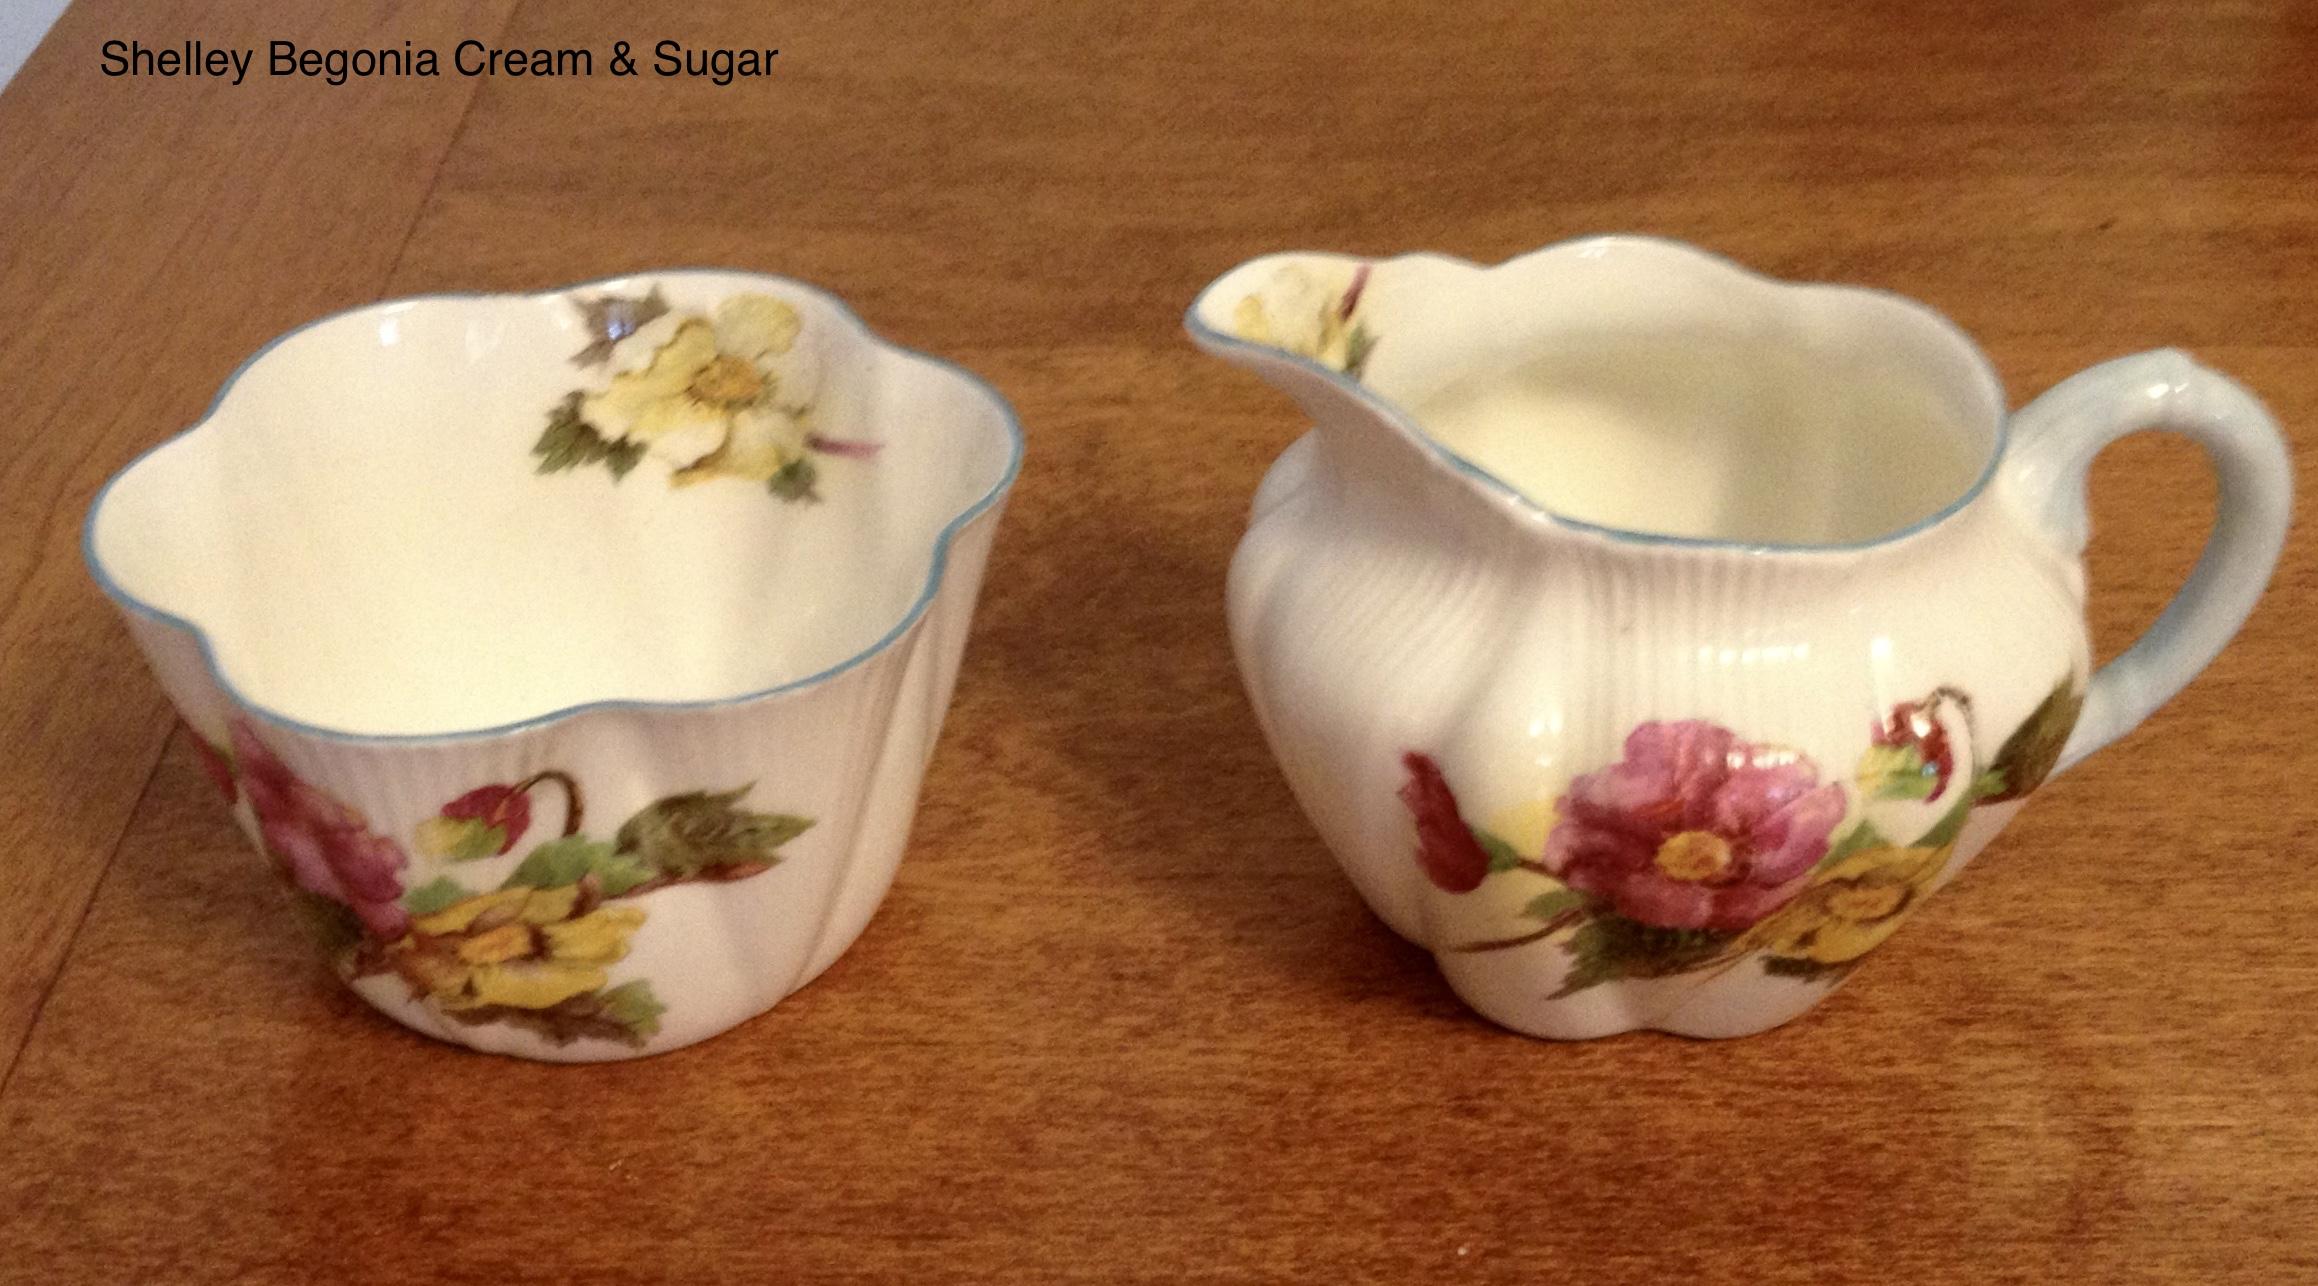 Shelly Begonia Cream & Sugar